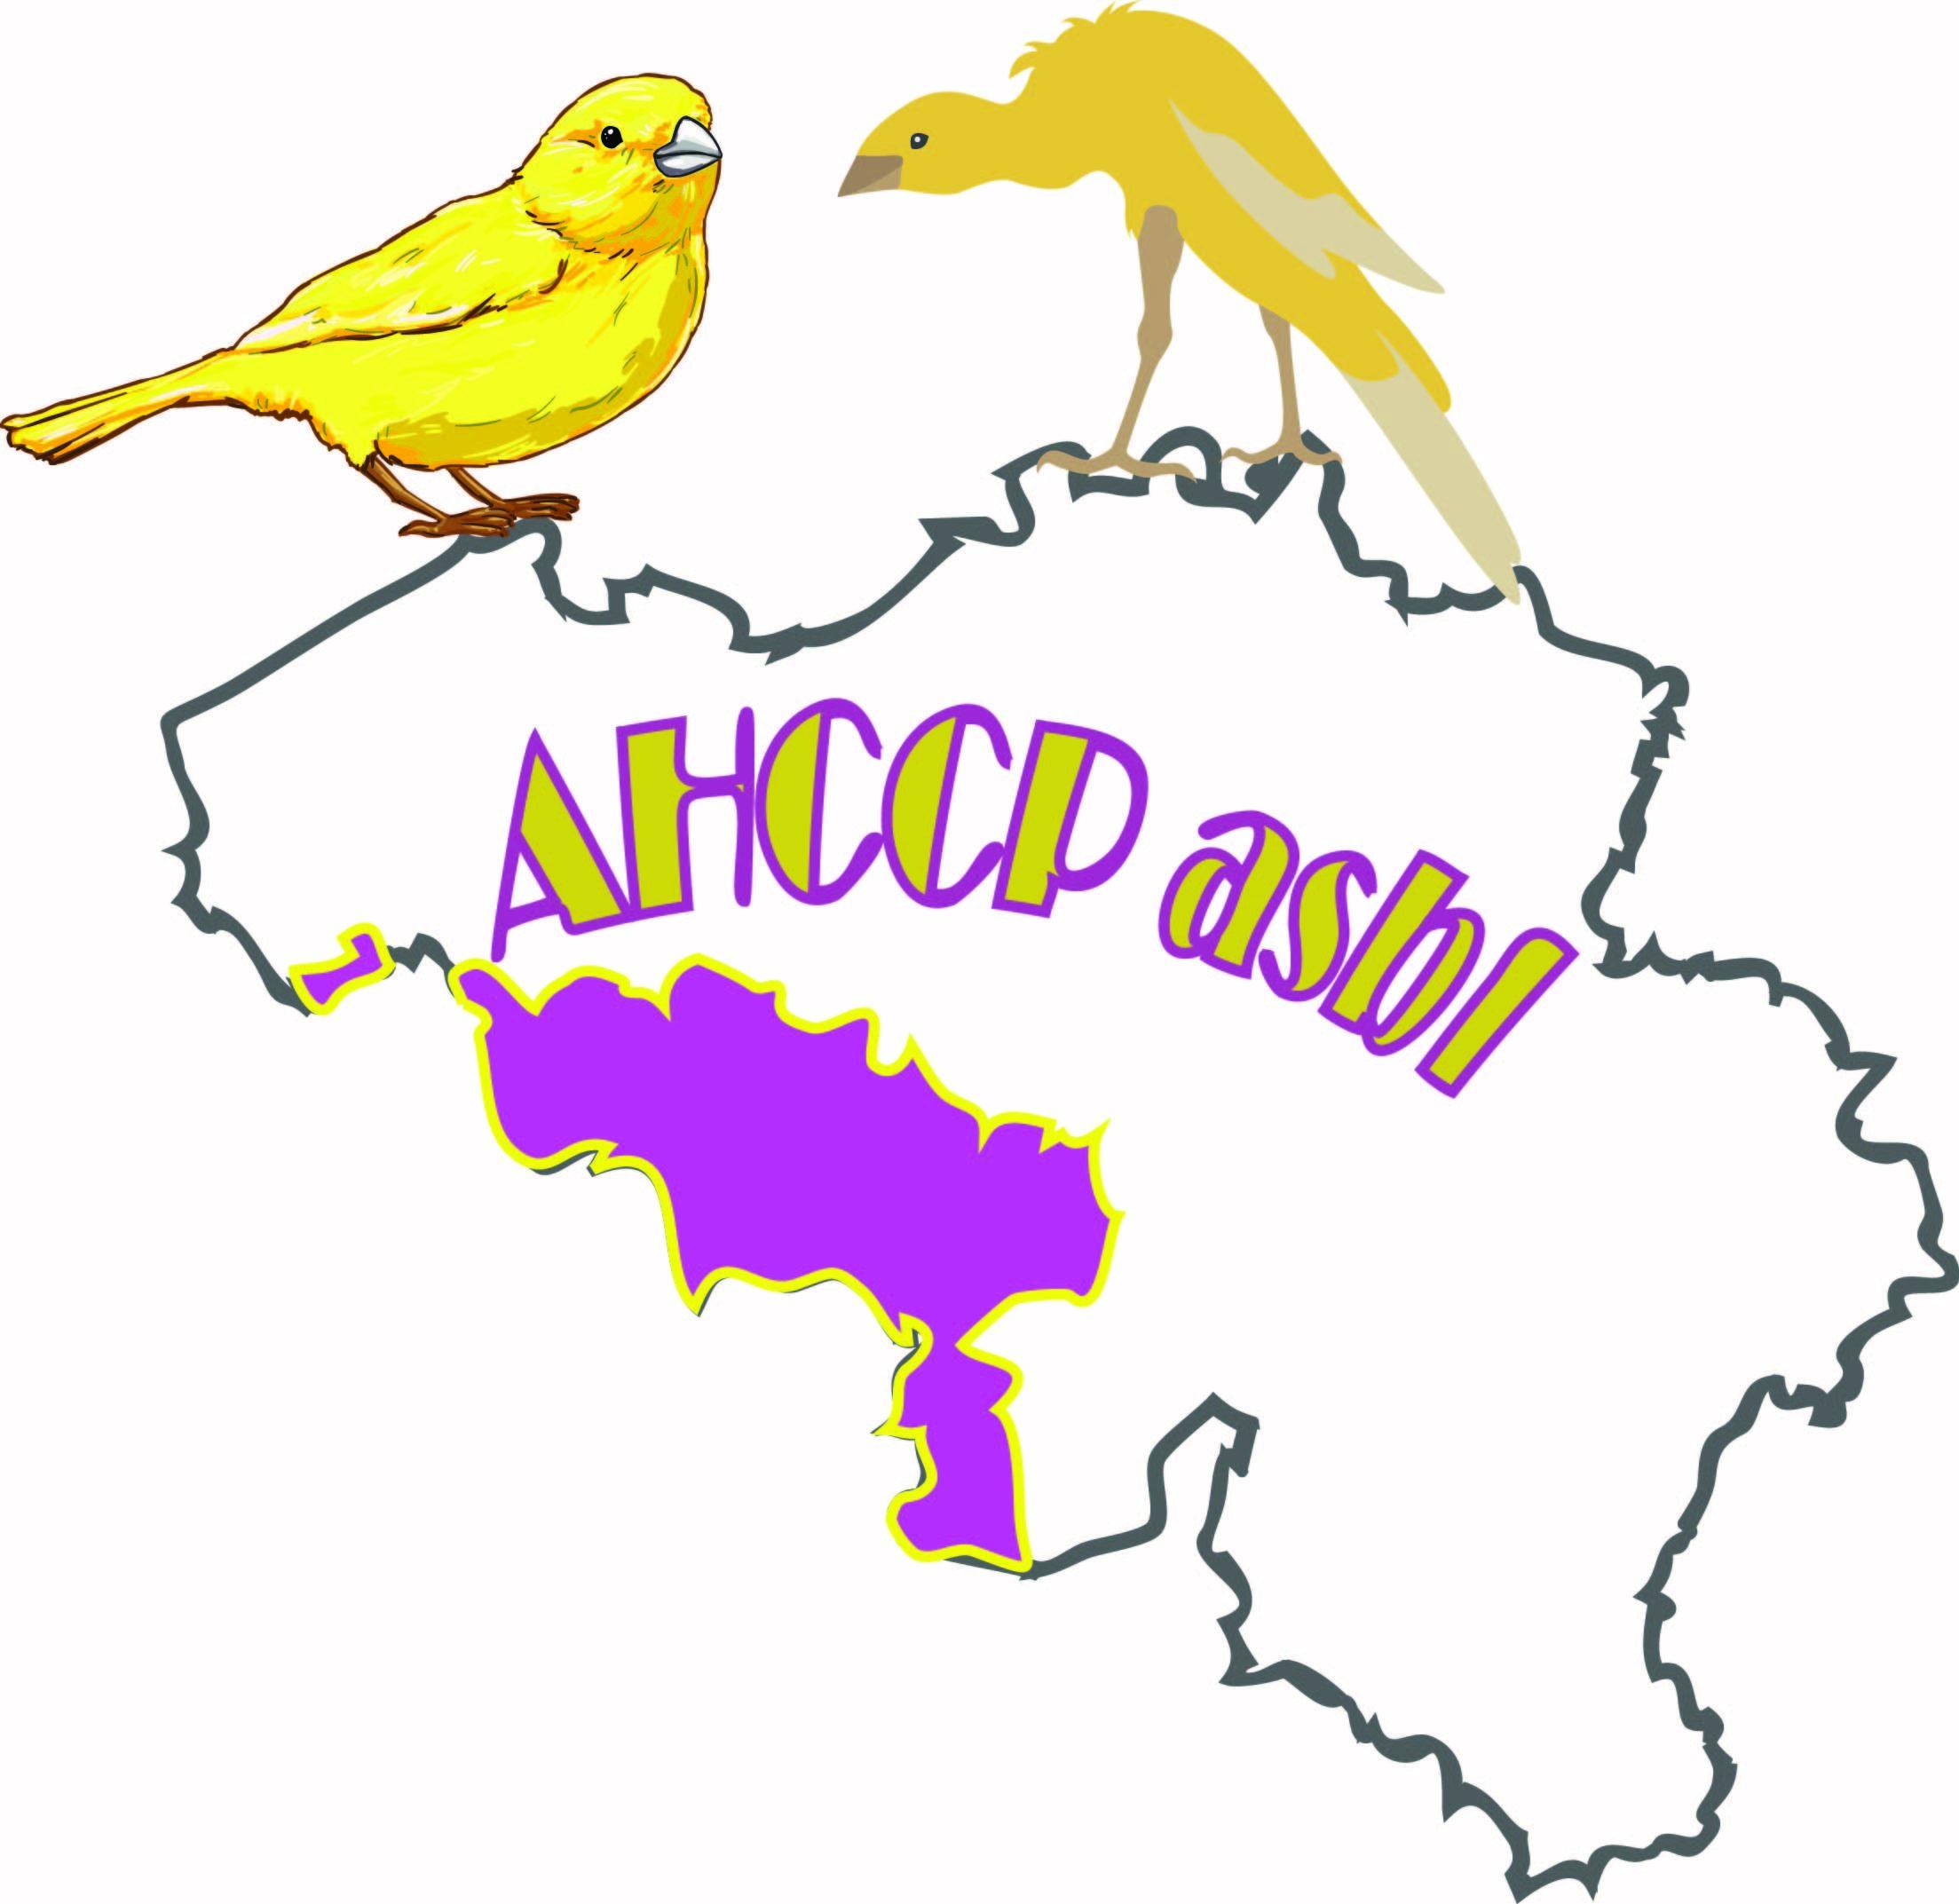 AHCCP asbl